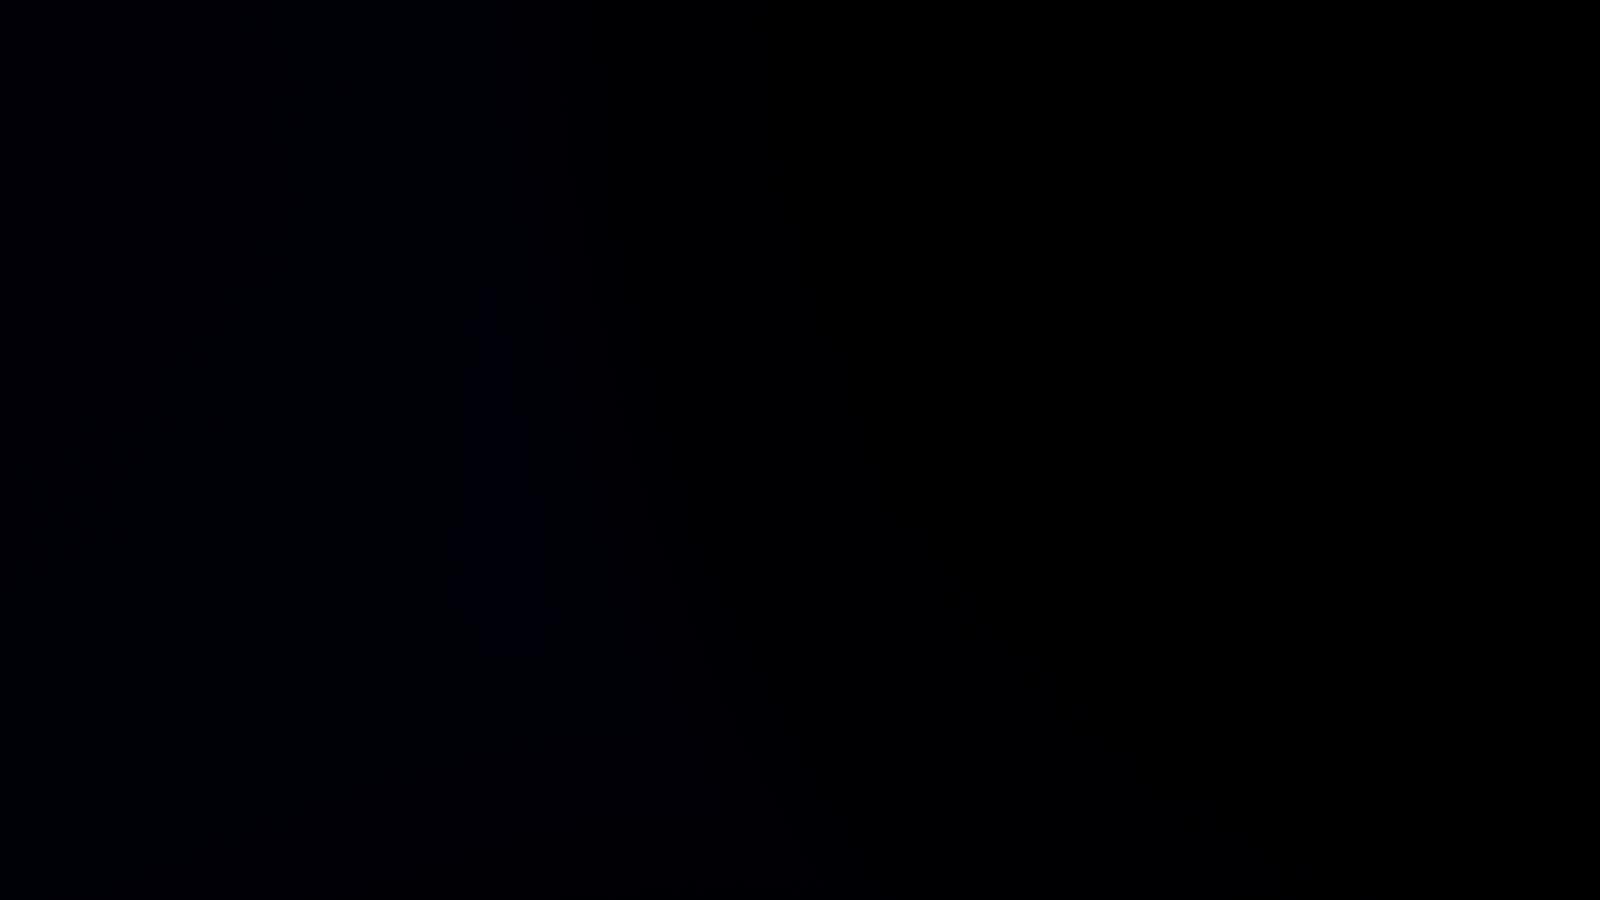 ハンデ機能付き1V1MAP 5608-5905-8342 by sebara_fn